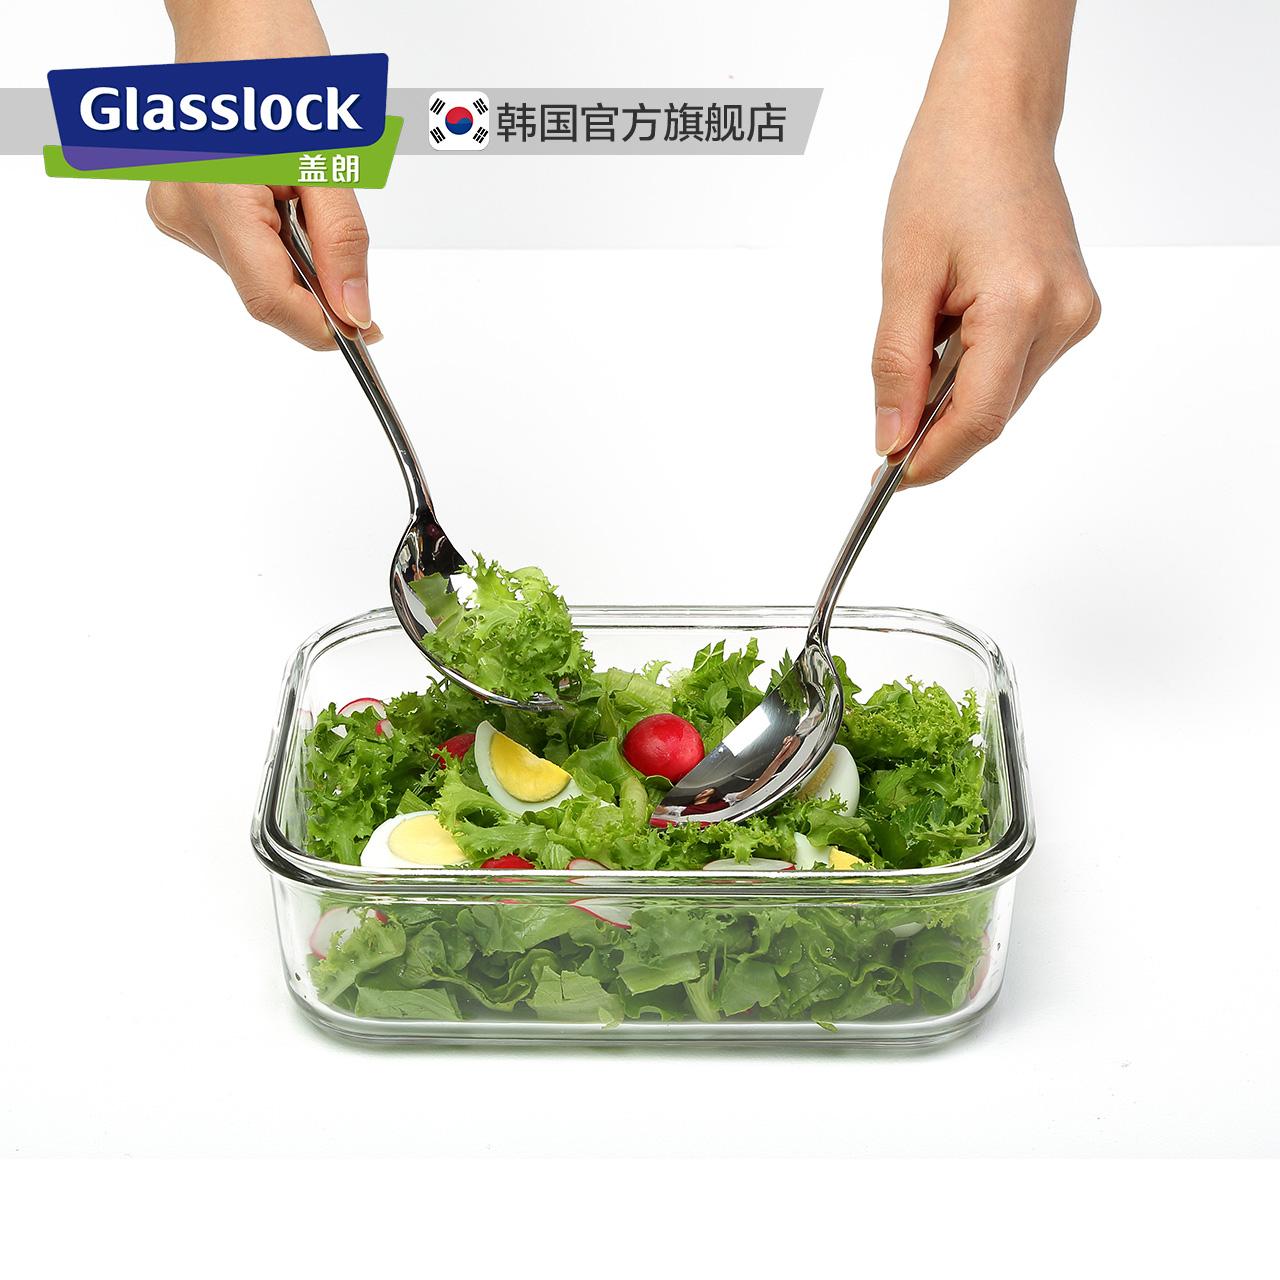 Glasslock韩国进口玻璃饭盒微波炉冰箱收纳盒保鲜盒2件套赠便当包